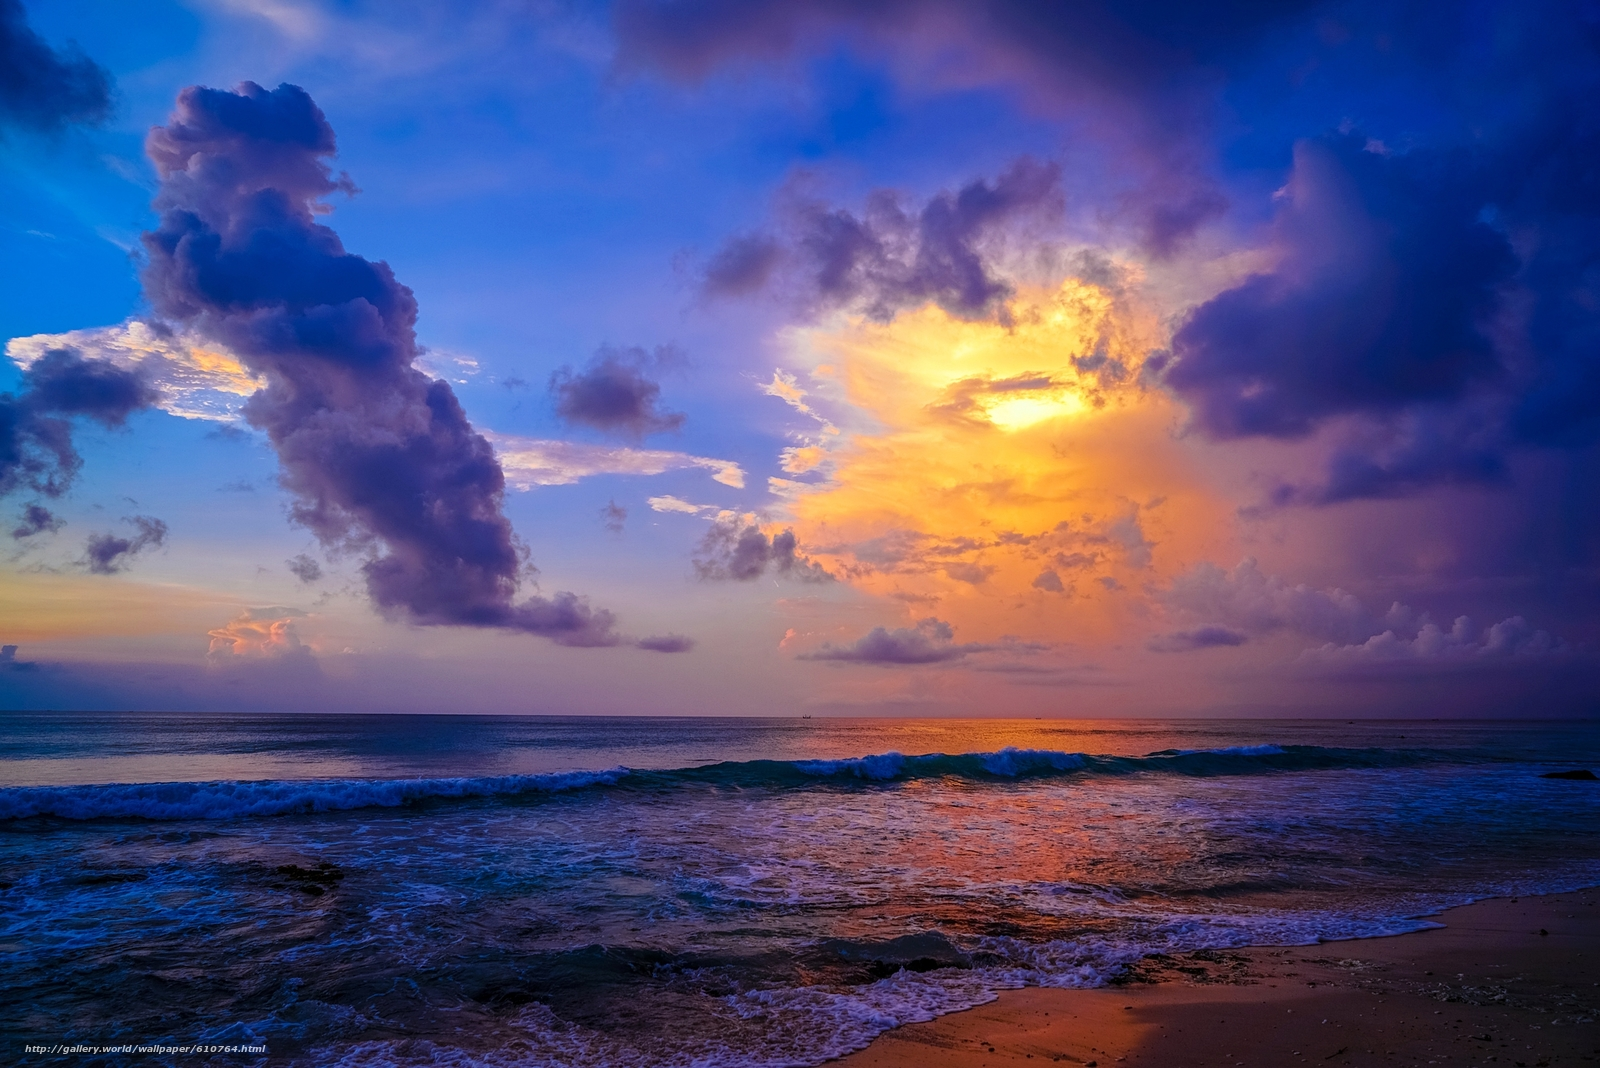 Скачать обои Dreamland Beach,  Pecatu,  Bali,  Indonesia бесплатно для рабочего стола в разрешении 2200x1468 — картинка №610764